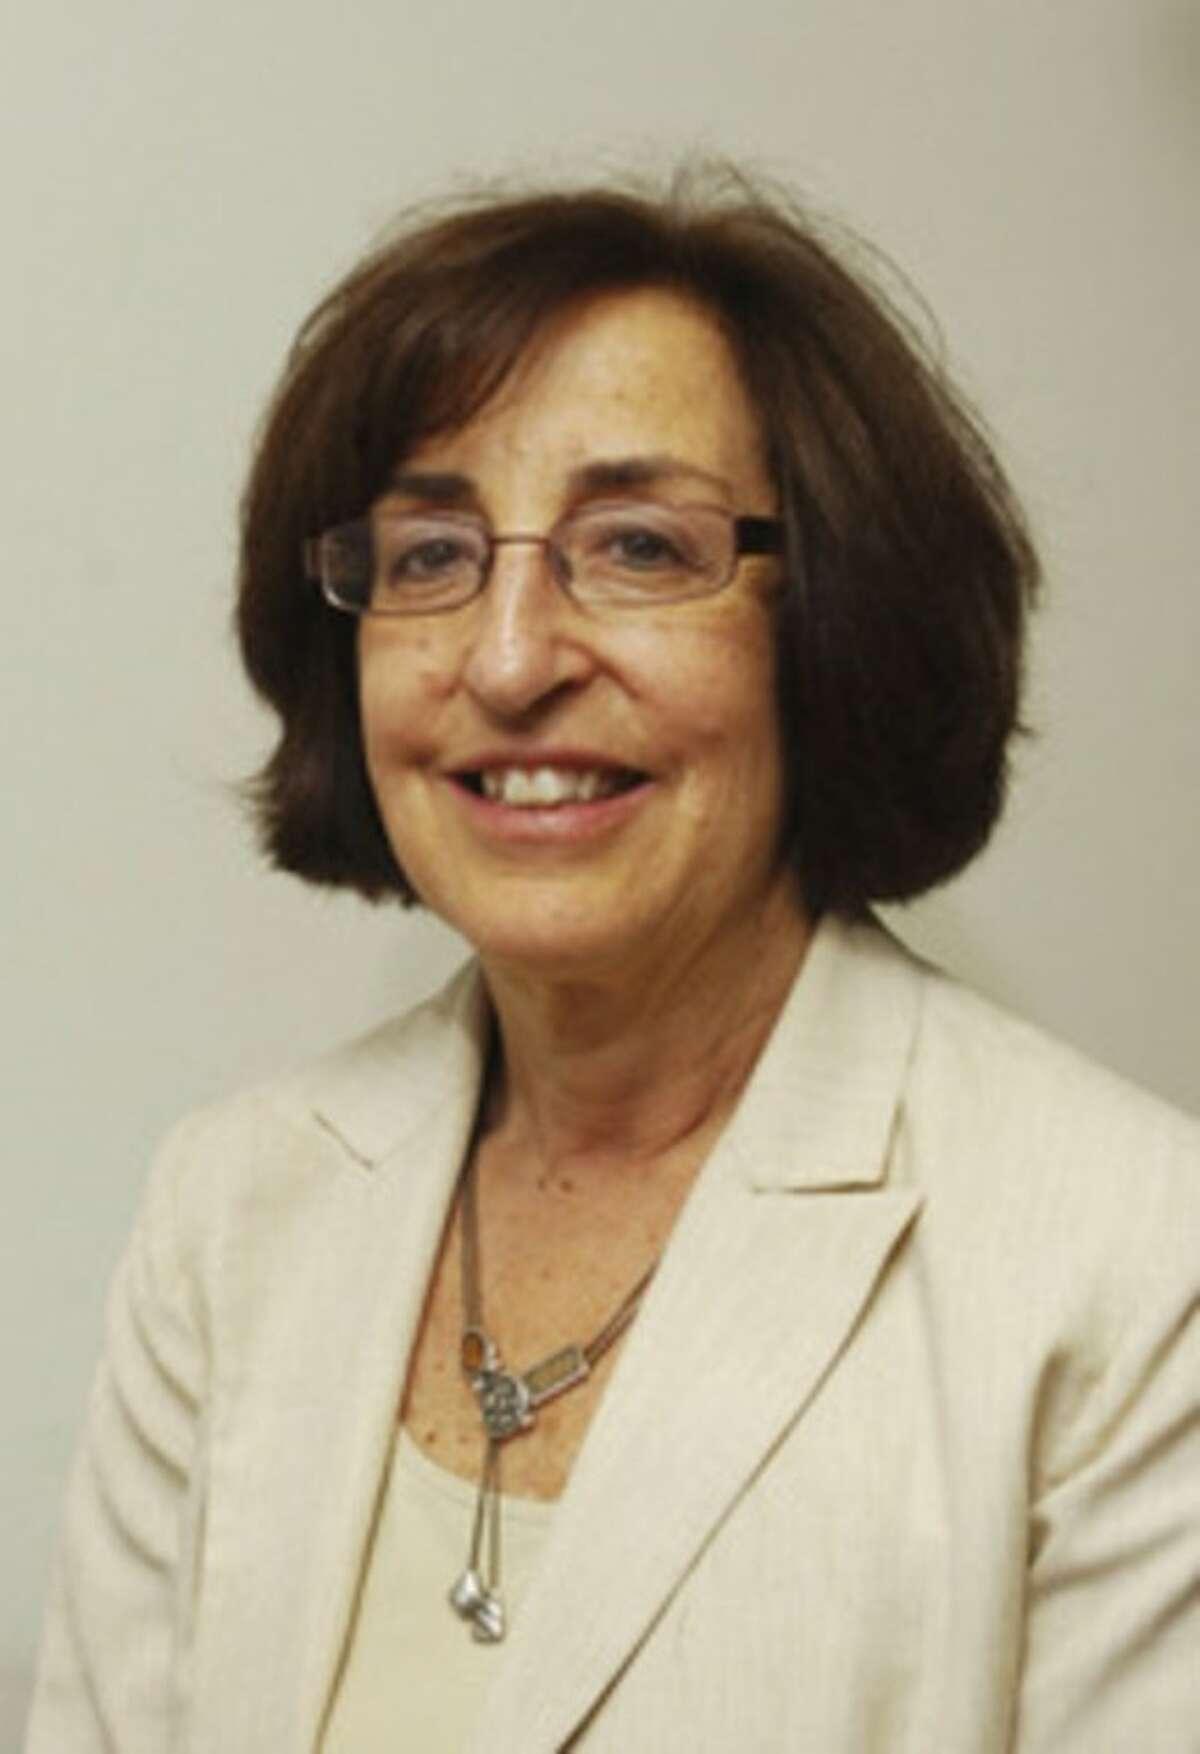 Susan Marks, Norwalk Superintendent of Schools. Hour photo / Erik Trautmann